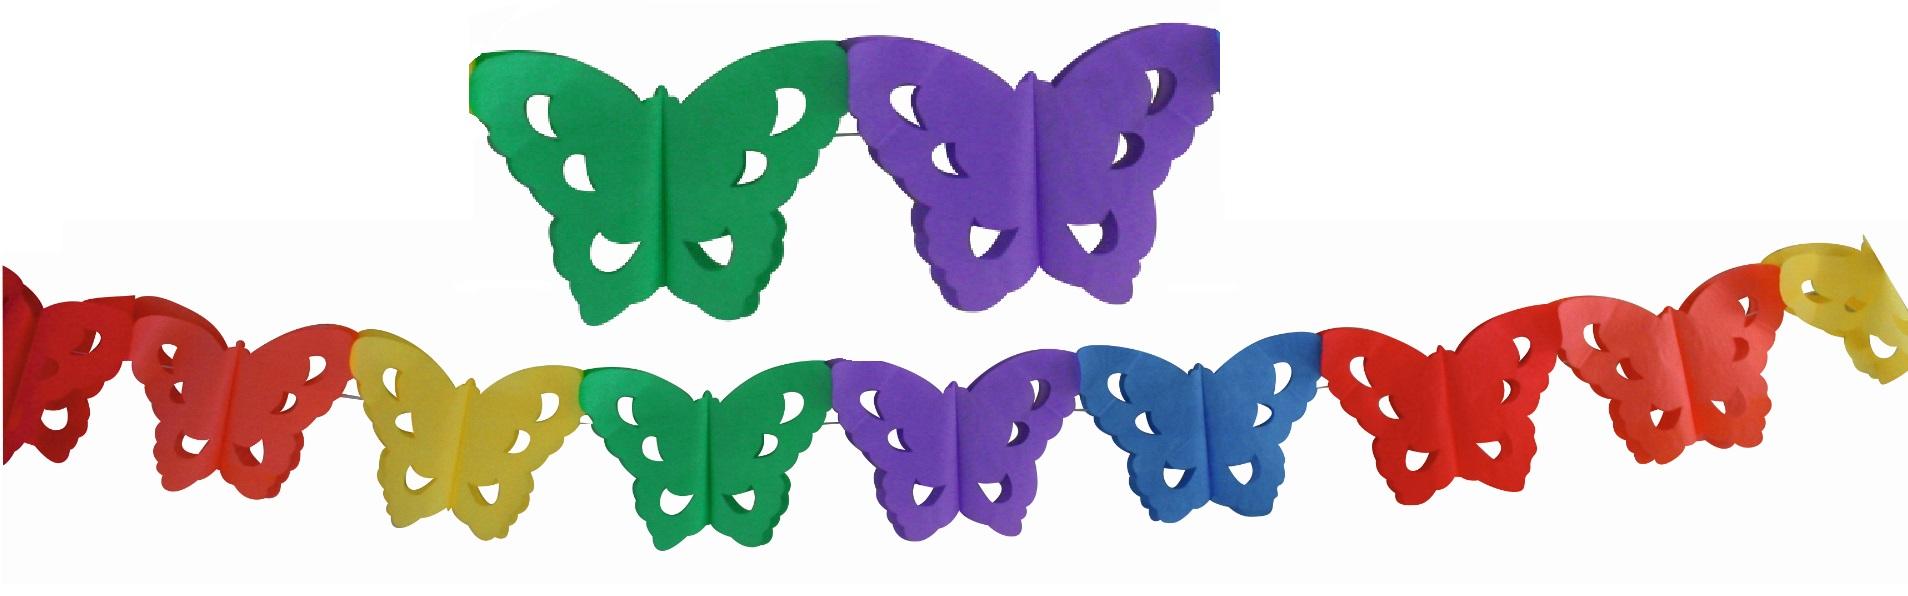 Girlanda 400x16 cm - motýlci (9071)